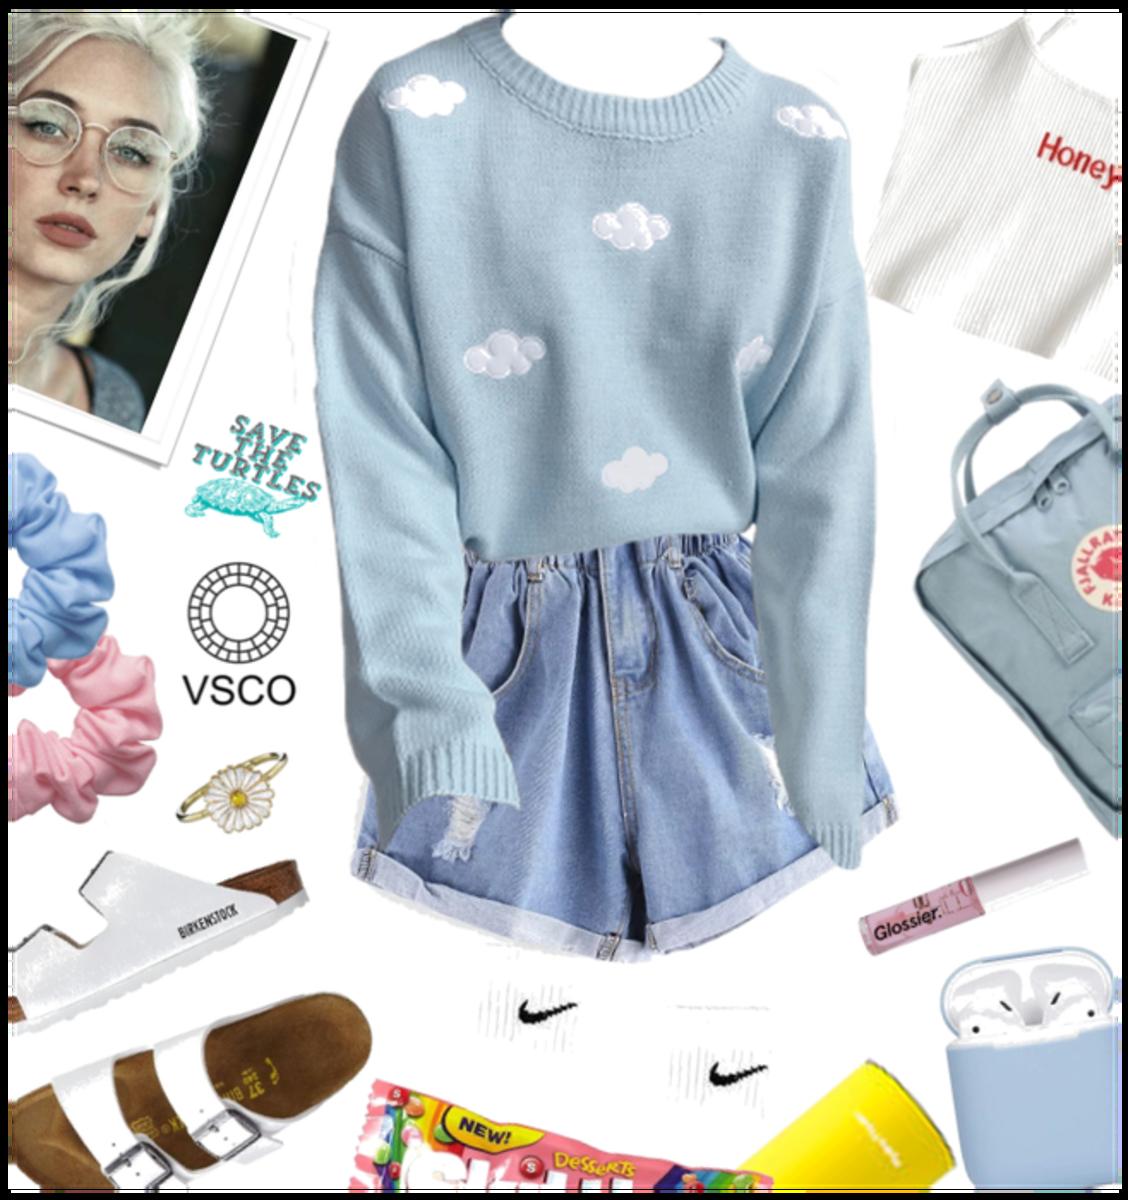 vsco-girl-defined